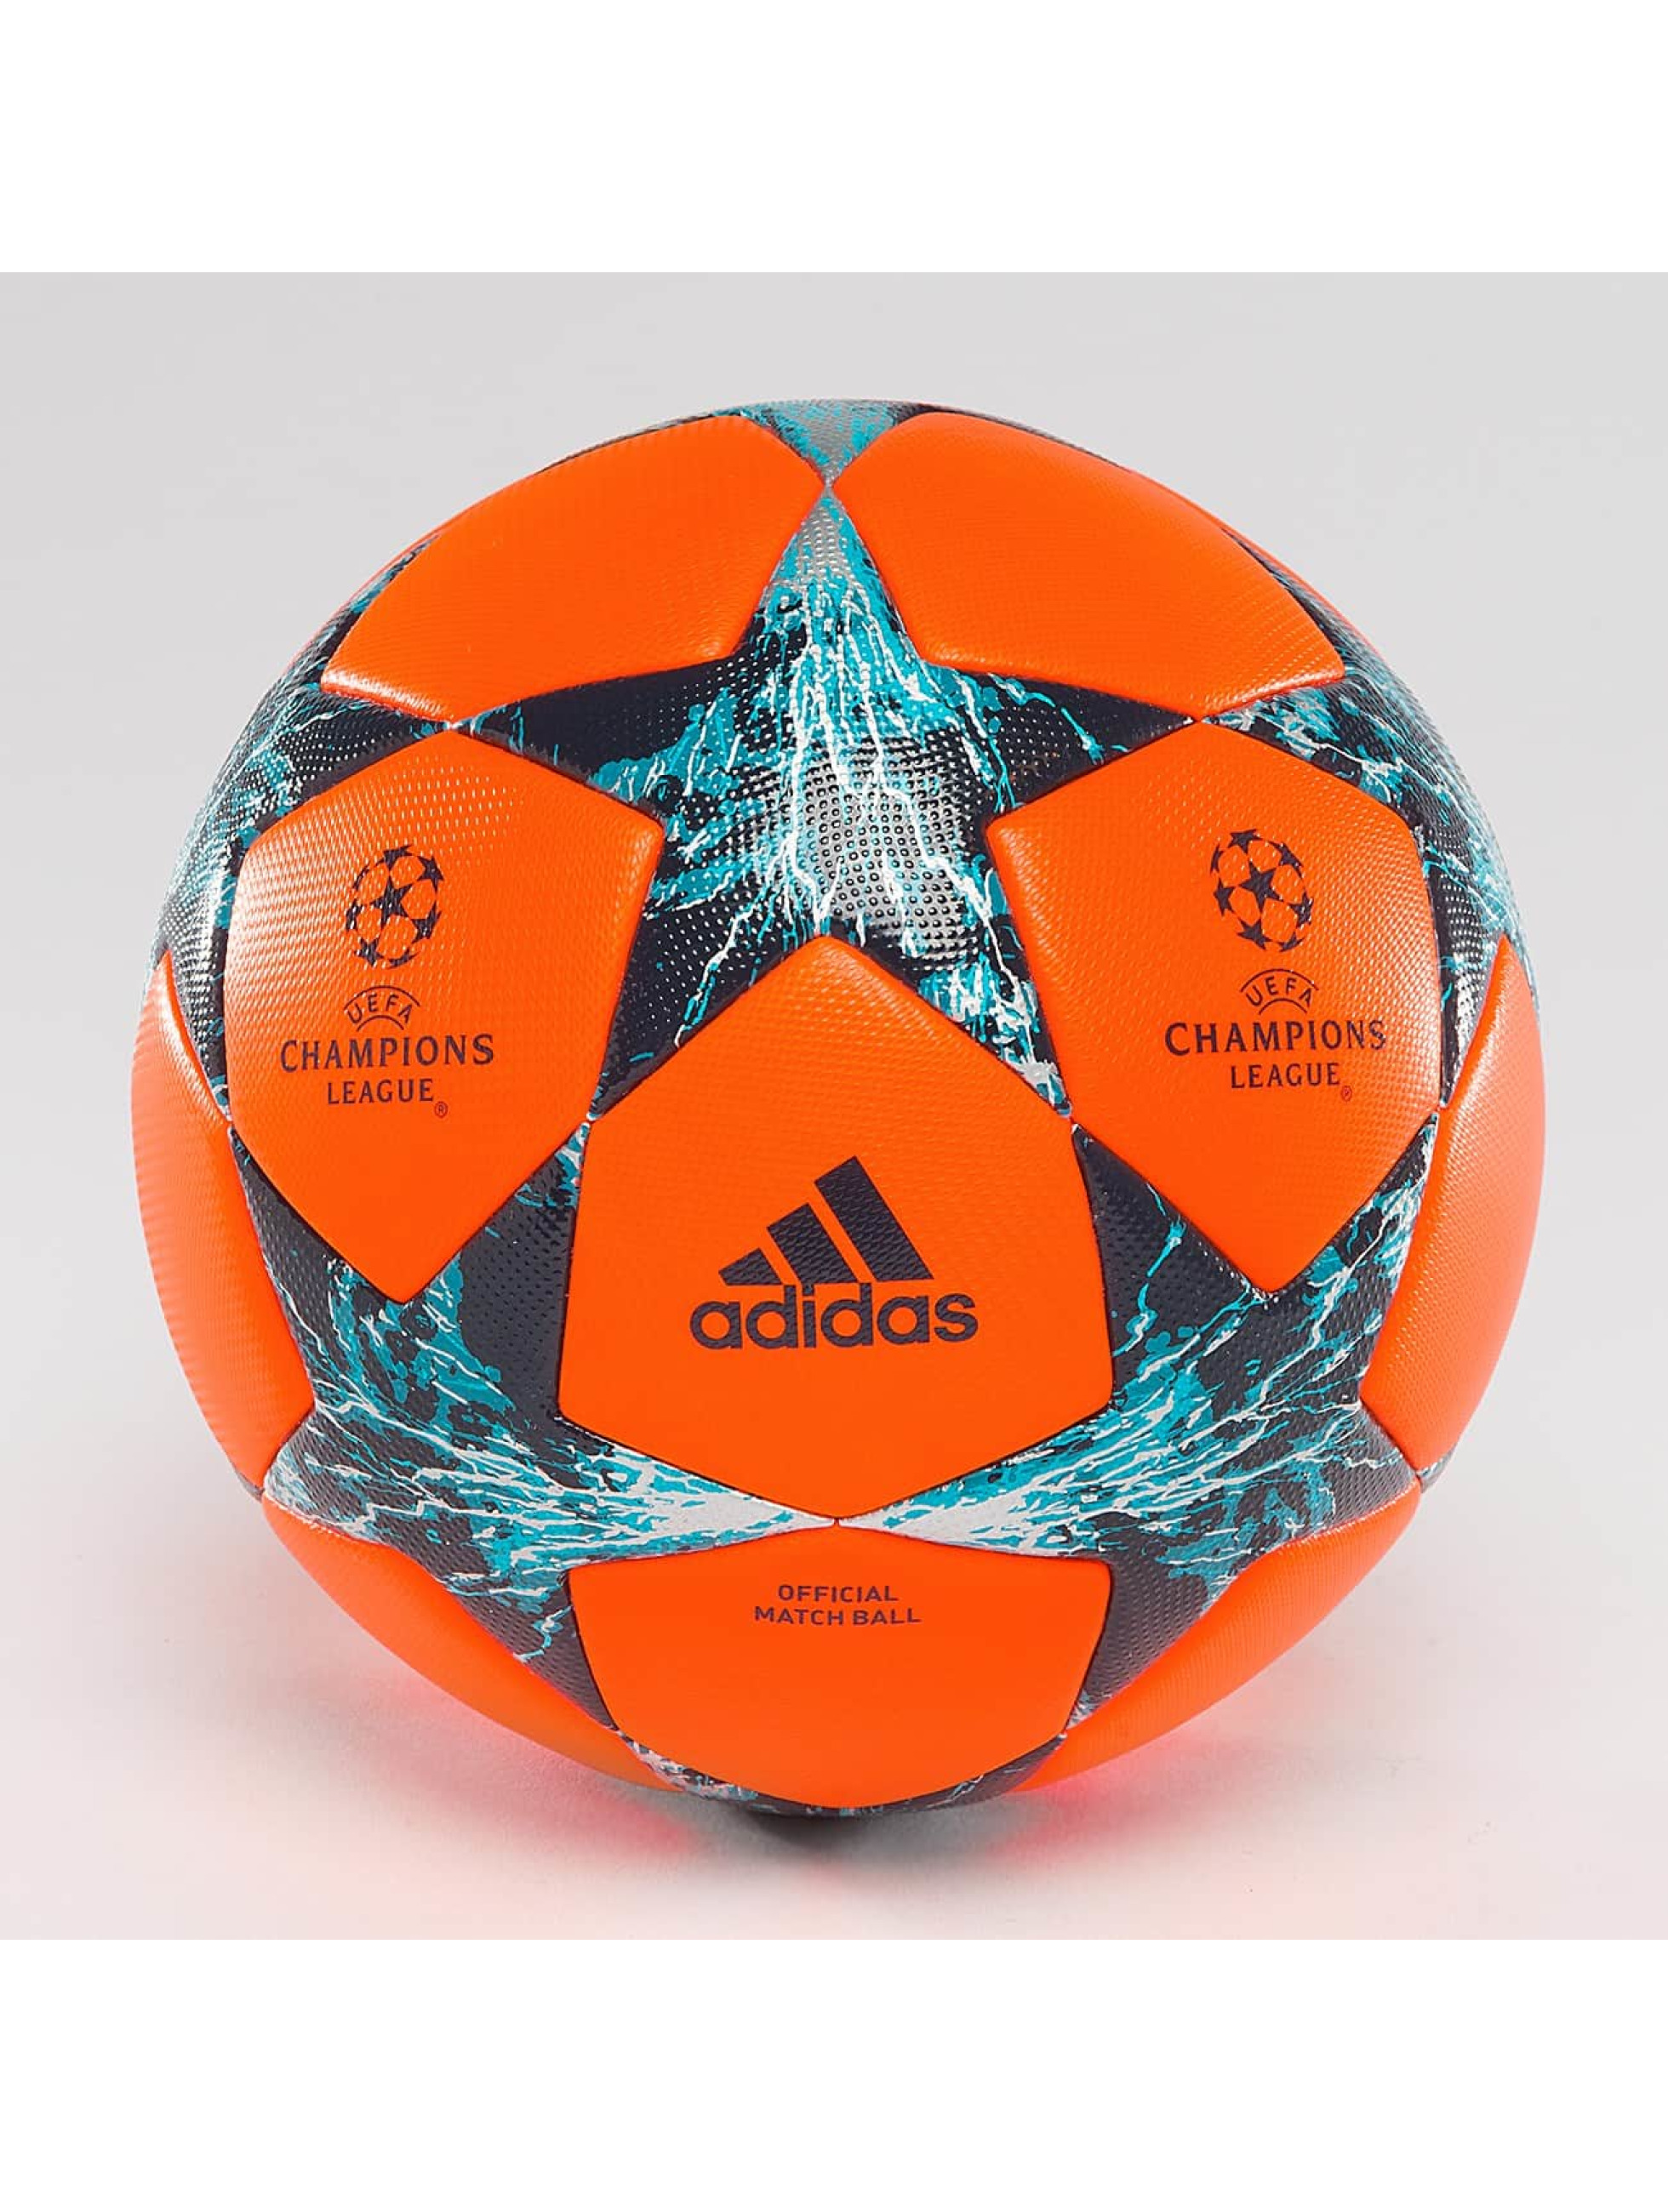 adidas originals Baller Final 17 Offical Match oransje